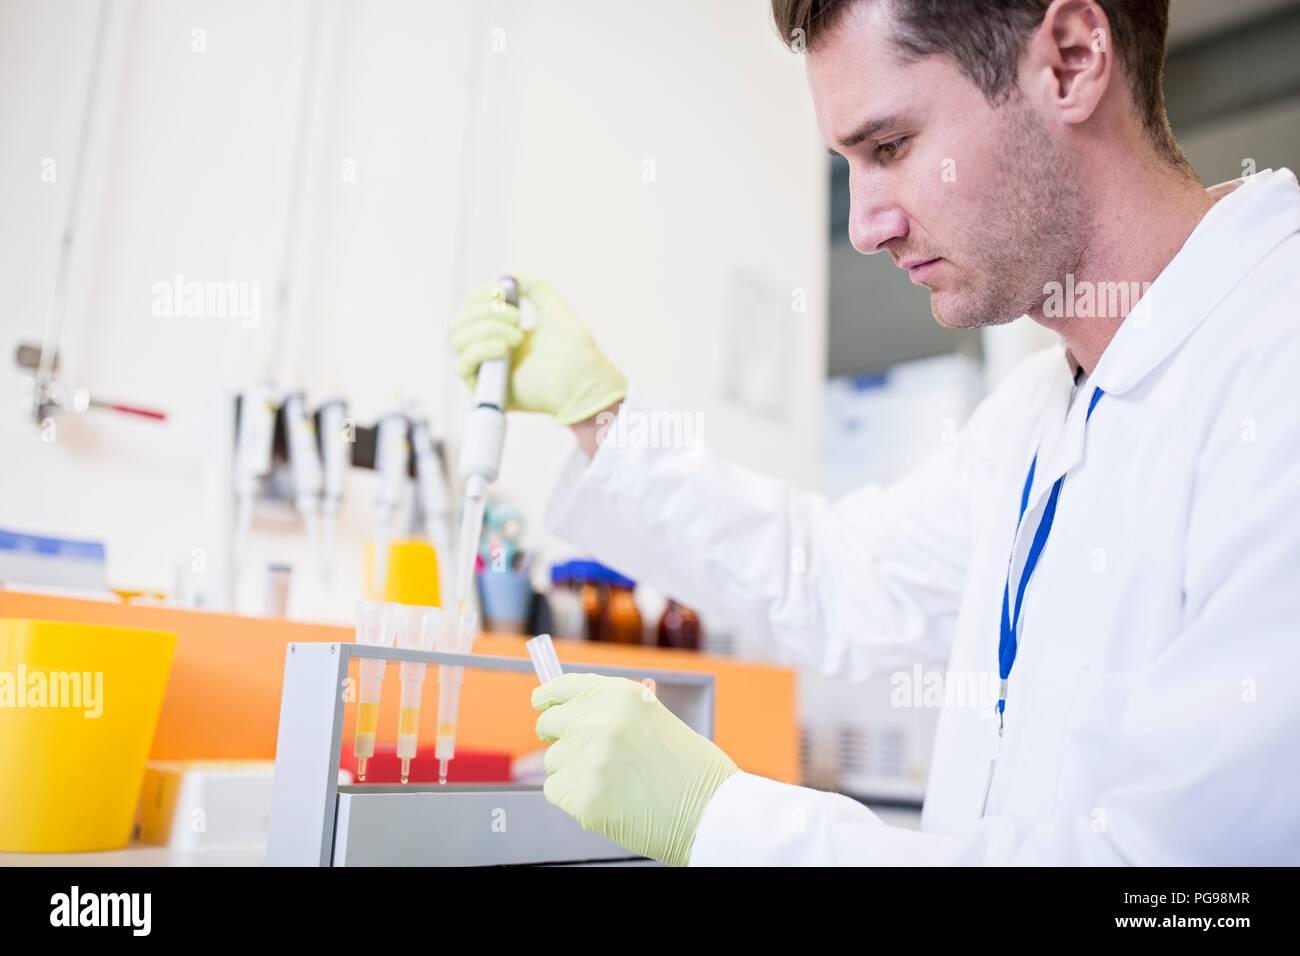 Tecnico di campioni di pipettaggio in cartucce per estrazione in fase solida (SPE). Sds è utilizzato per separare i composti biologici da una miscela per ulteriori analisi. Immagini Stock